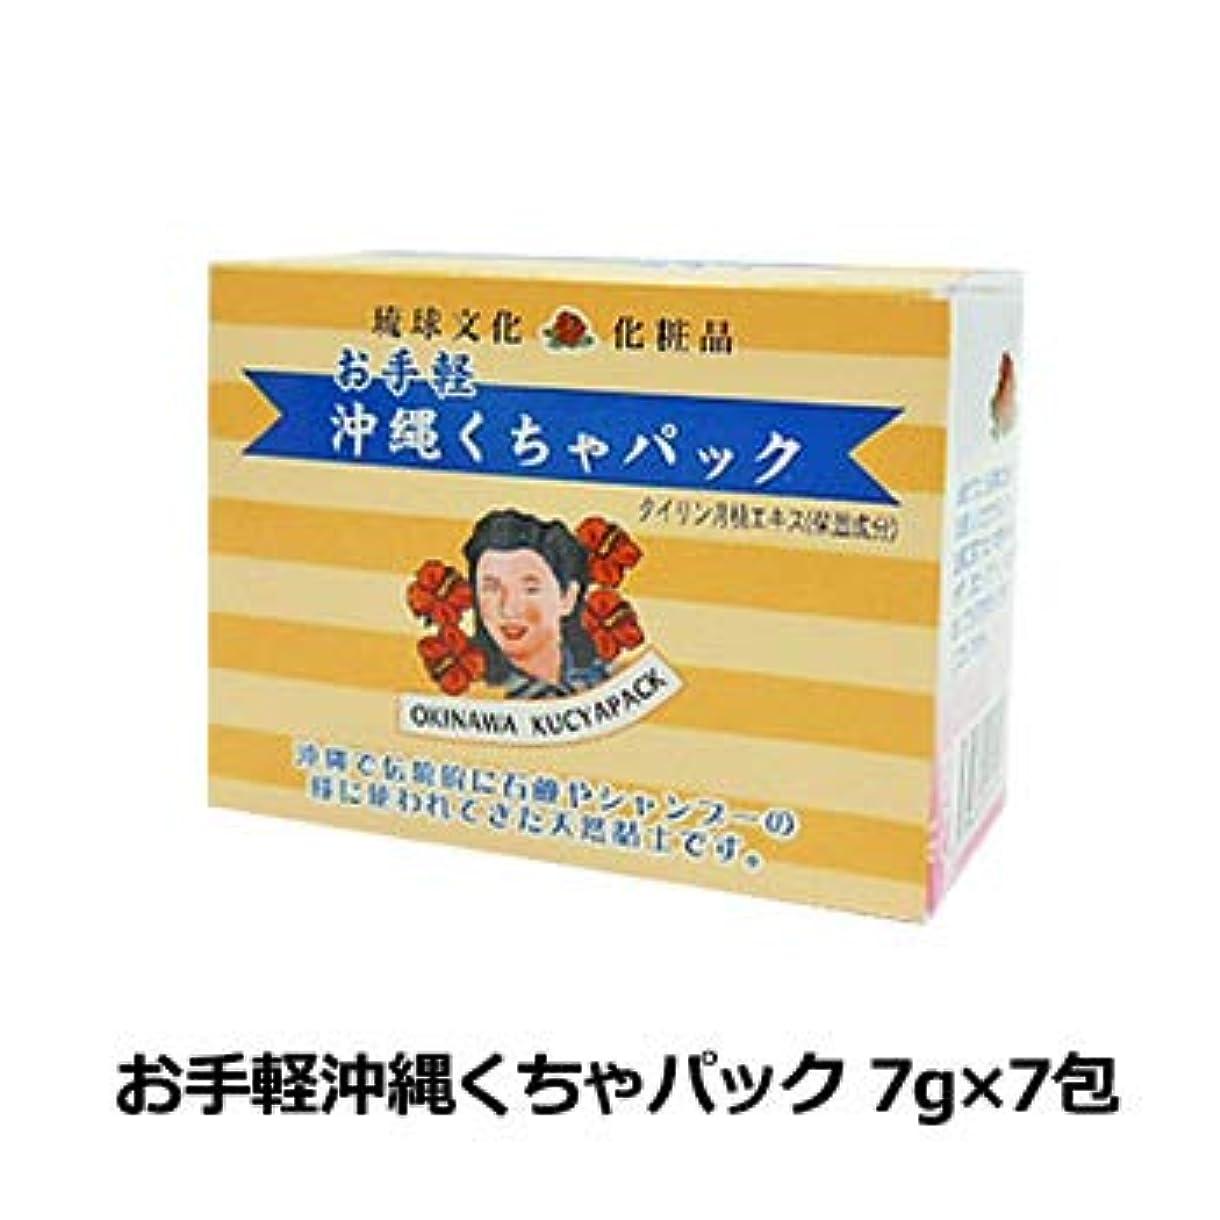 レオナルドダサイレントファウルお手軽沖縄くちゃパック 7g×7包